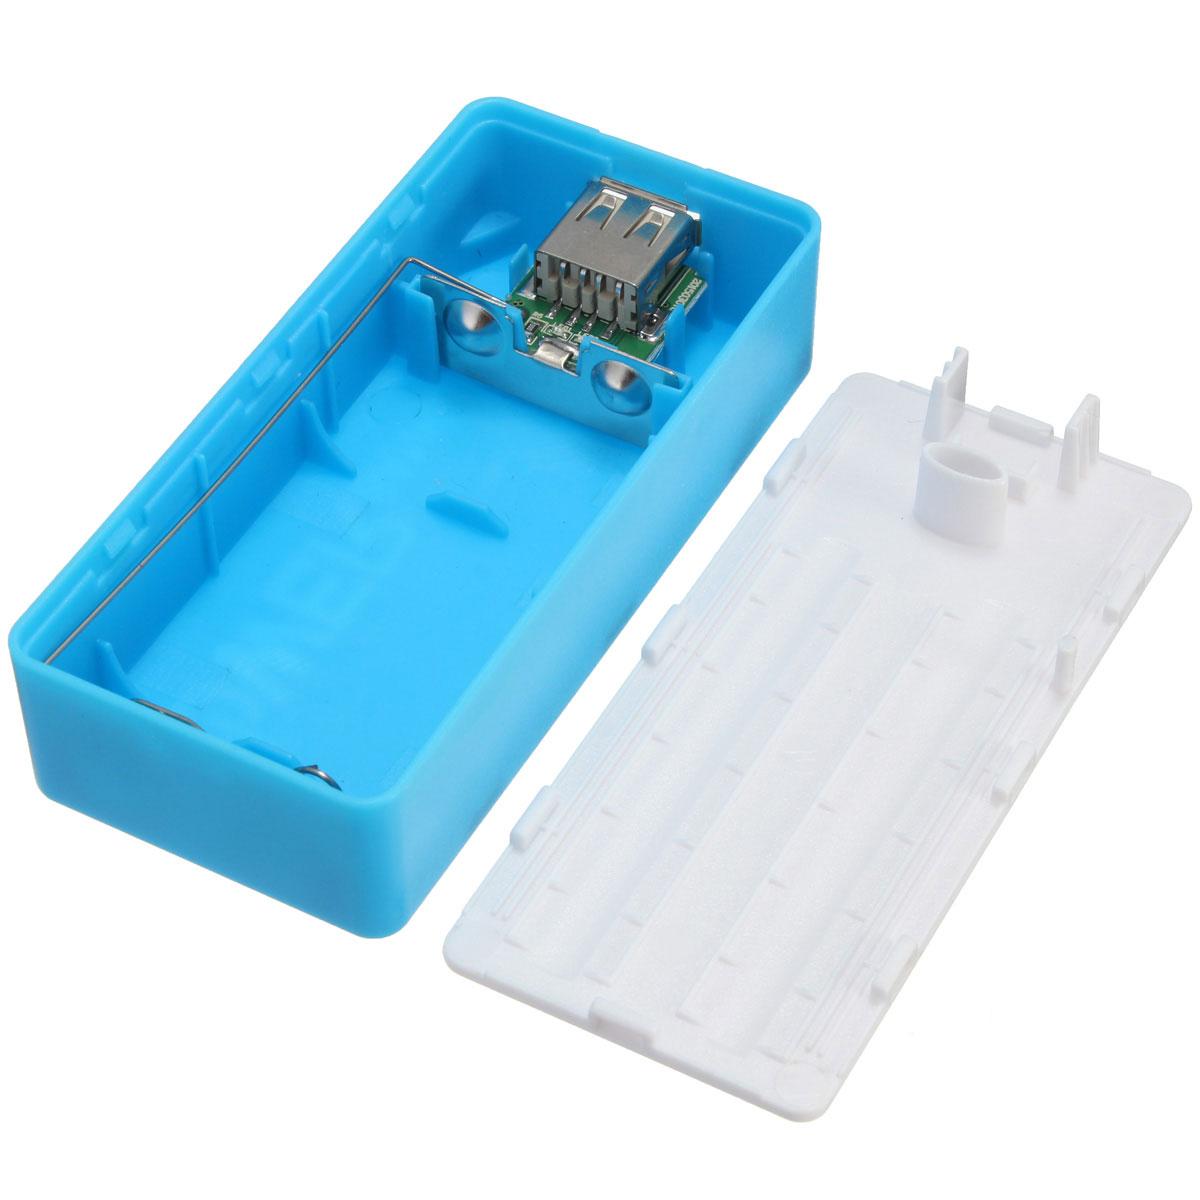 5600mAh 5V USB Power Bank 2x18650 Battery Charger DIY BOX ...